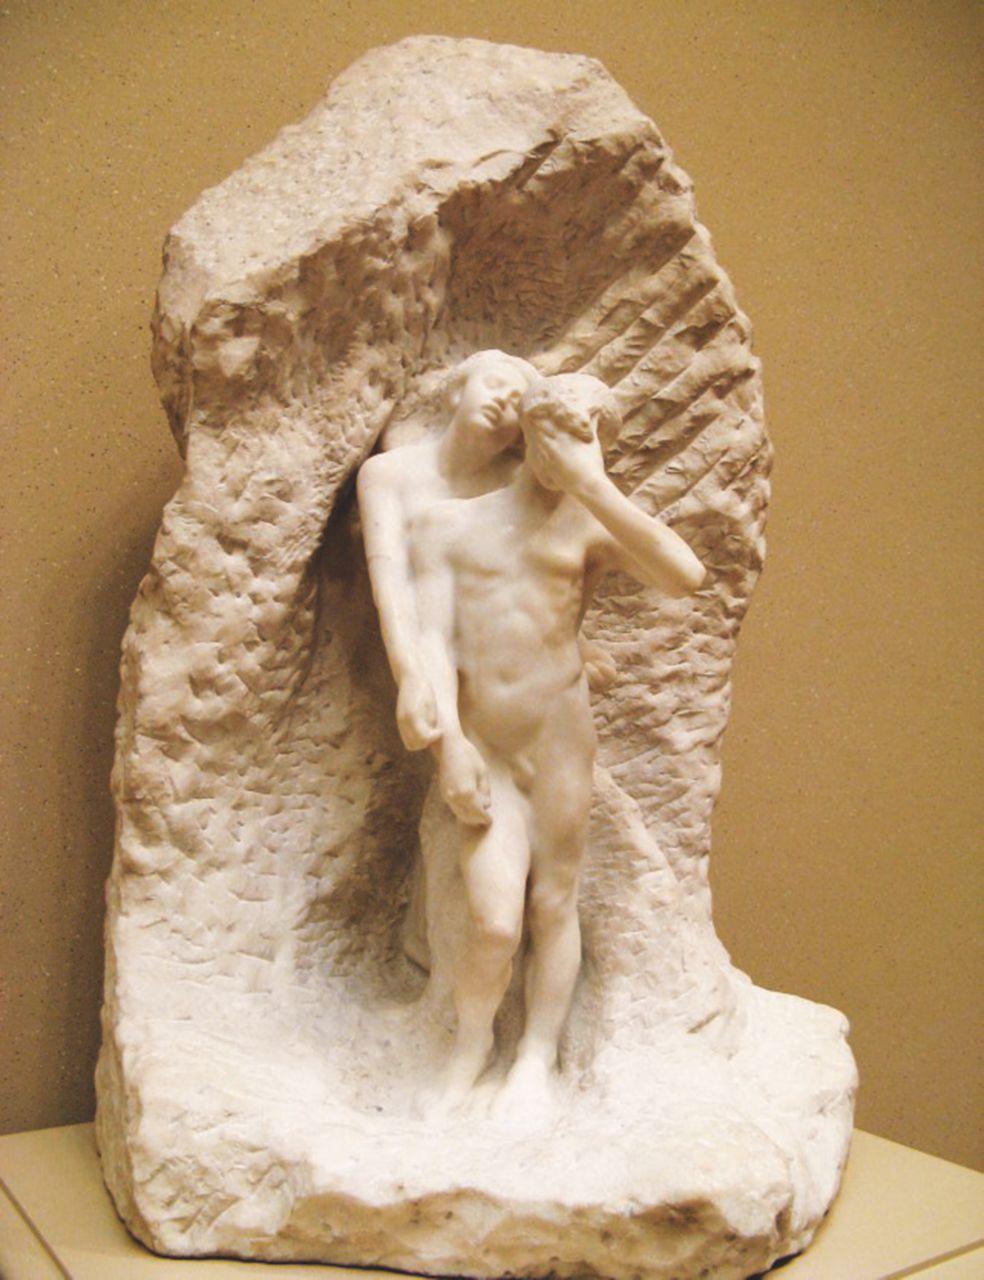 Bimillenario di Ovidio, si celebra tutto tranne il suo apporto a musica e arte